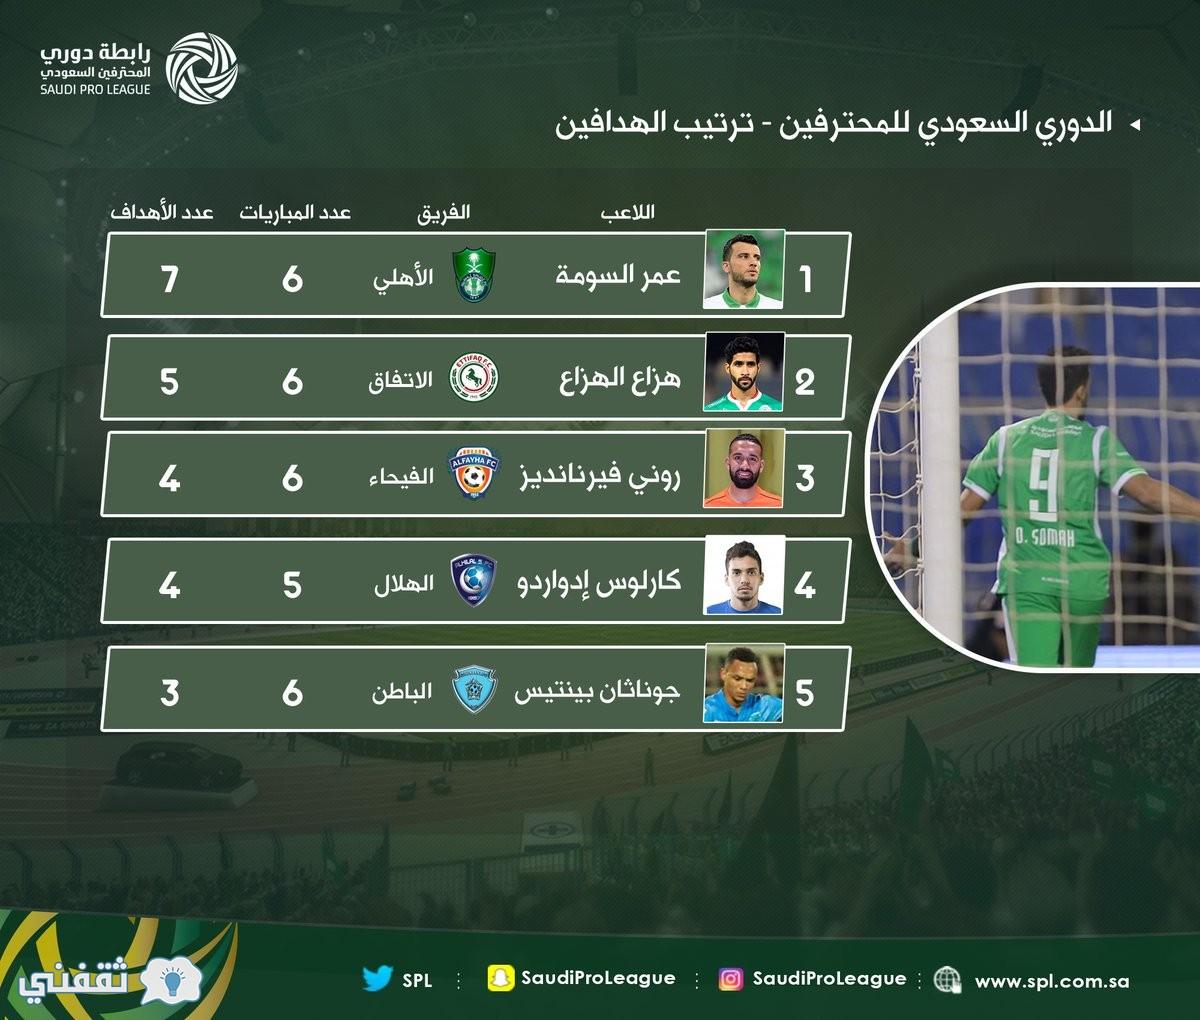 ترتيب فرق دوري جميل السعودي بعد ختام الجولة الـ6 وترتيب هدافي الدوري السعودي الآن